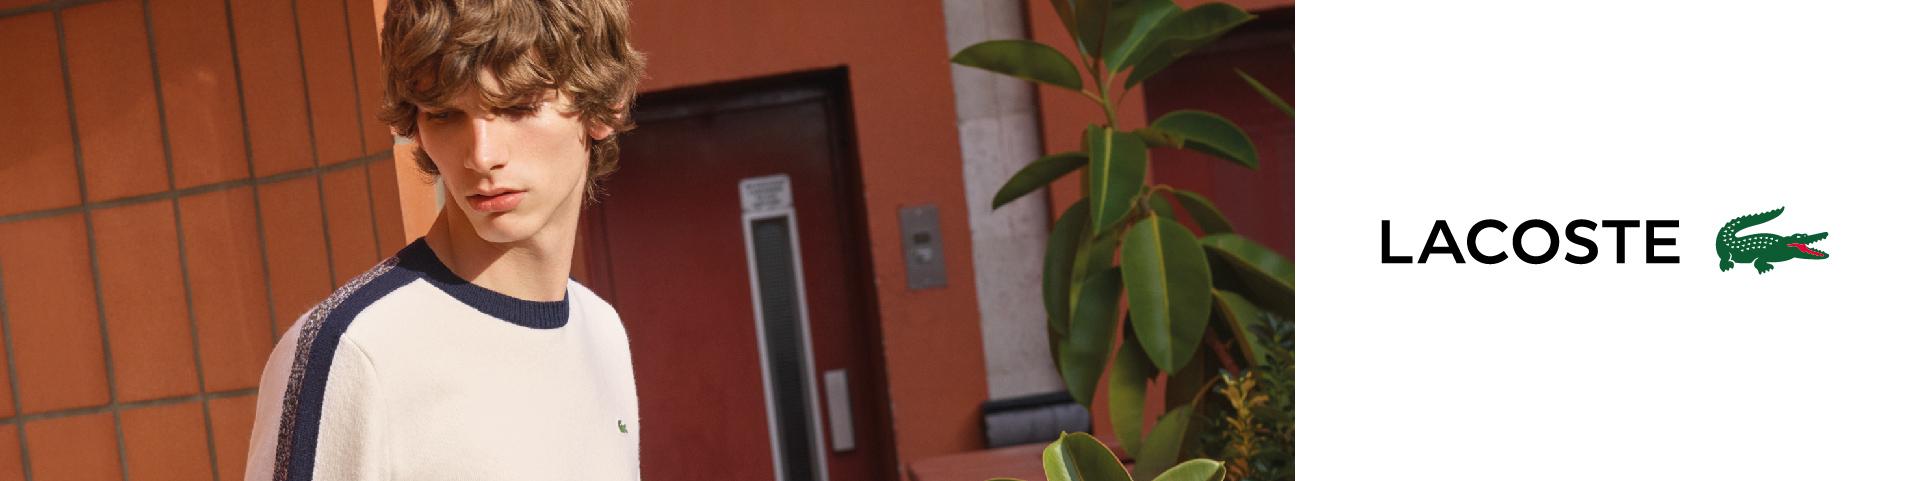 f99b6b53c2de Lacoste Anzug für einen stillvollen Auftritt online kaufen   ZALANDO